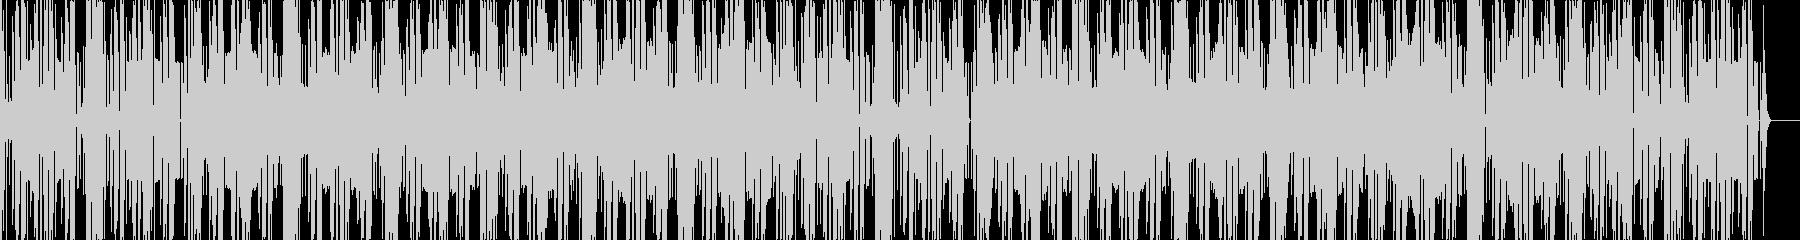 スタイリッシュお洒落なフューチャーベースの未再生の波形